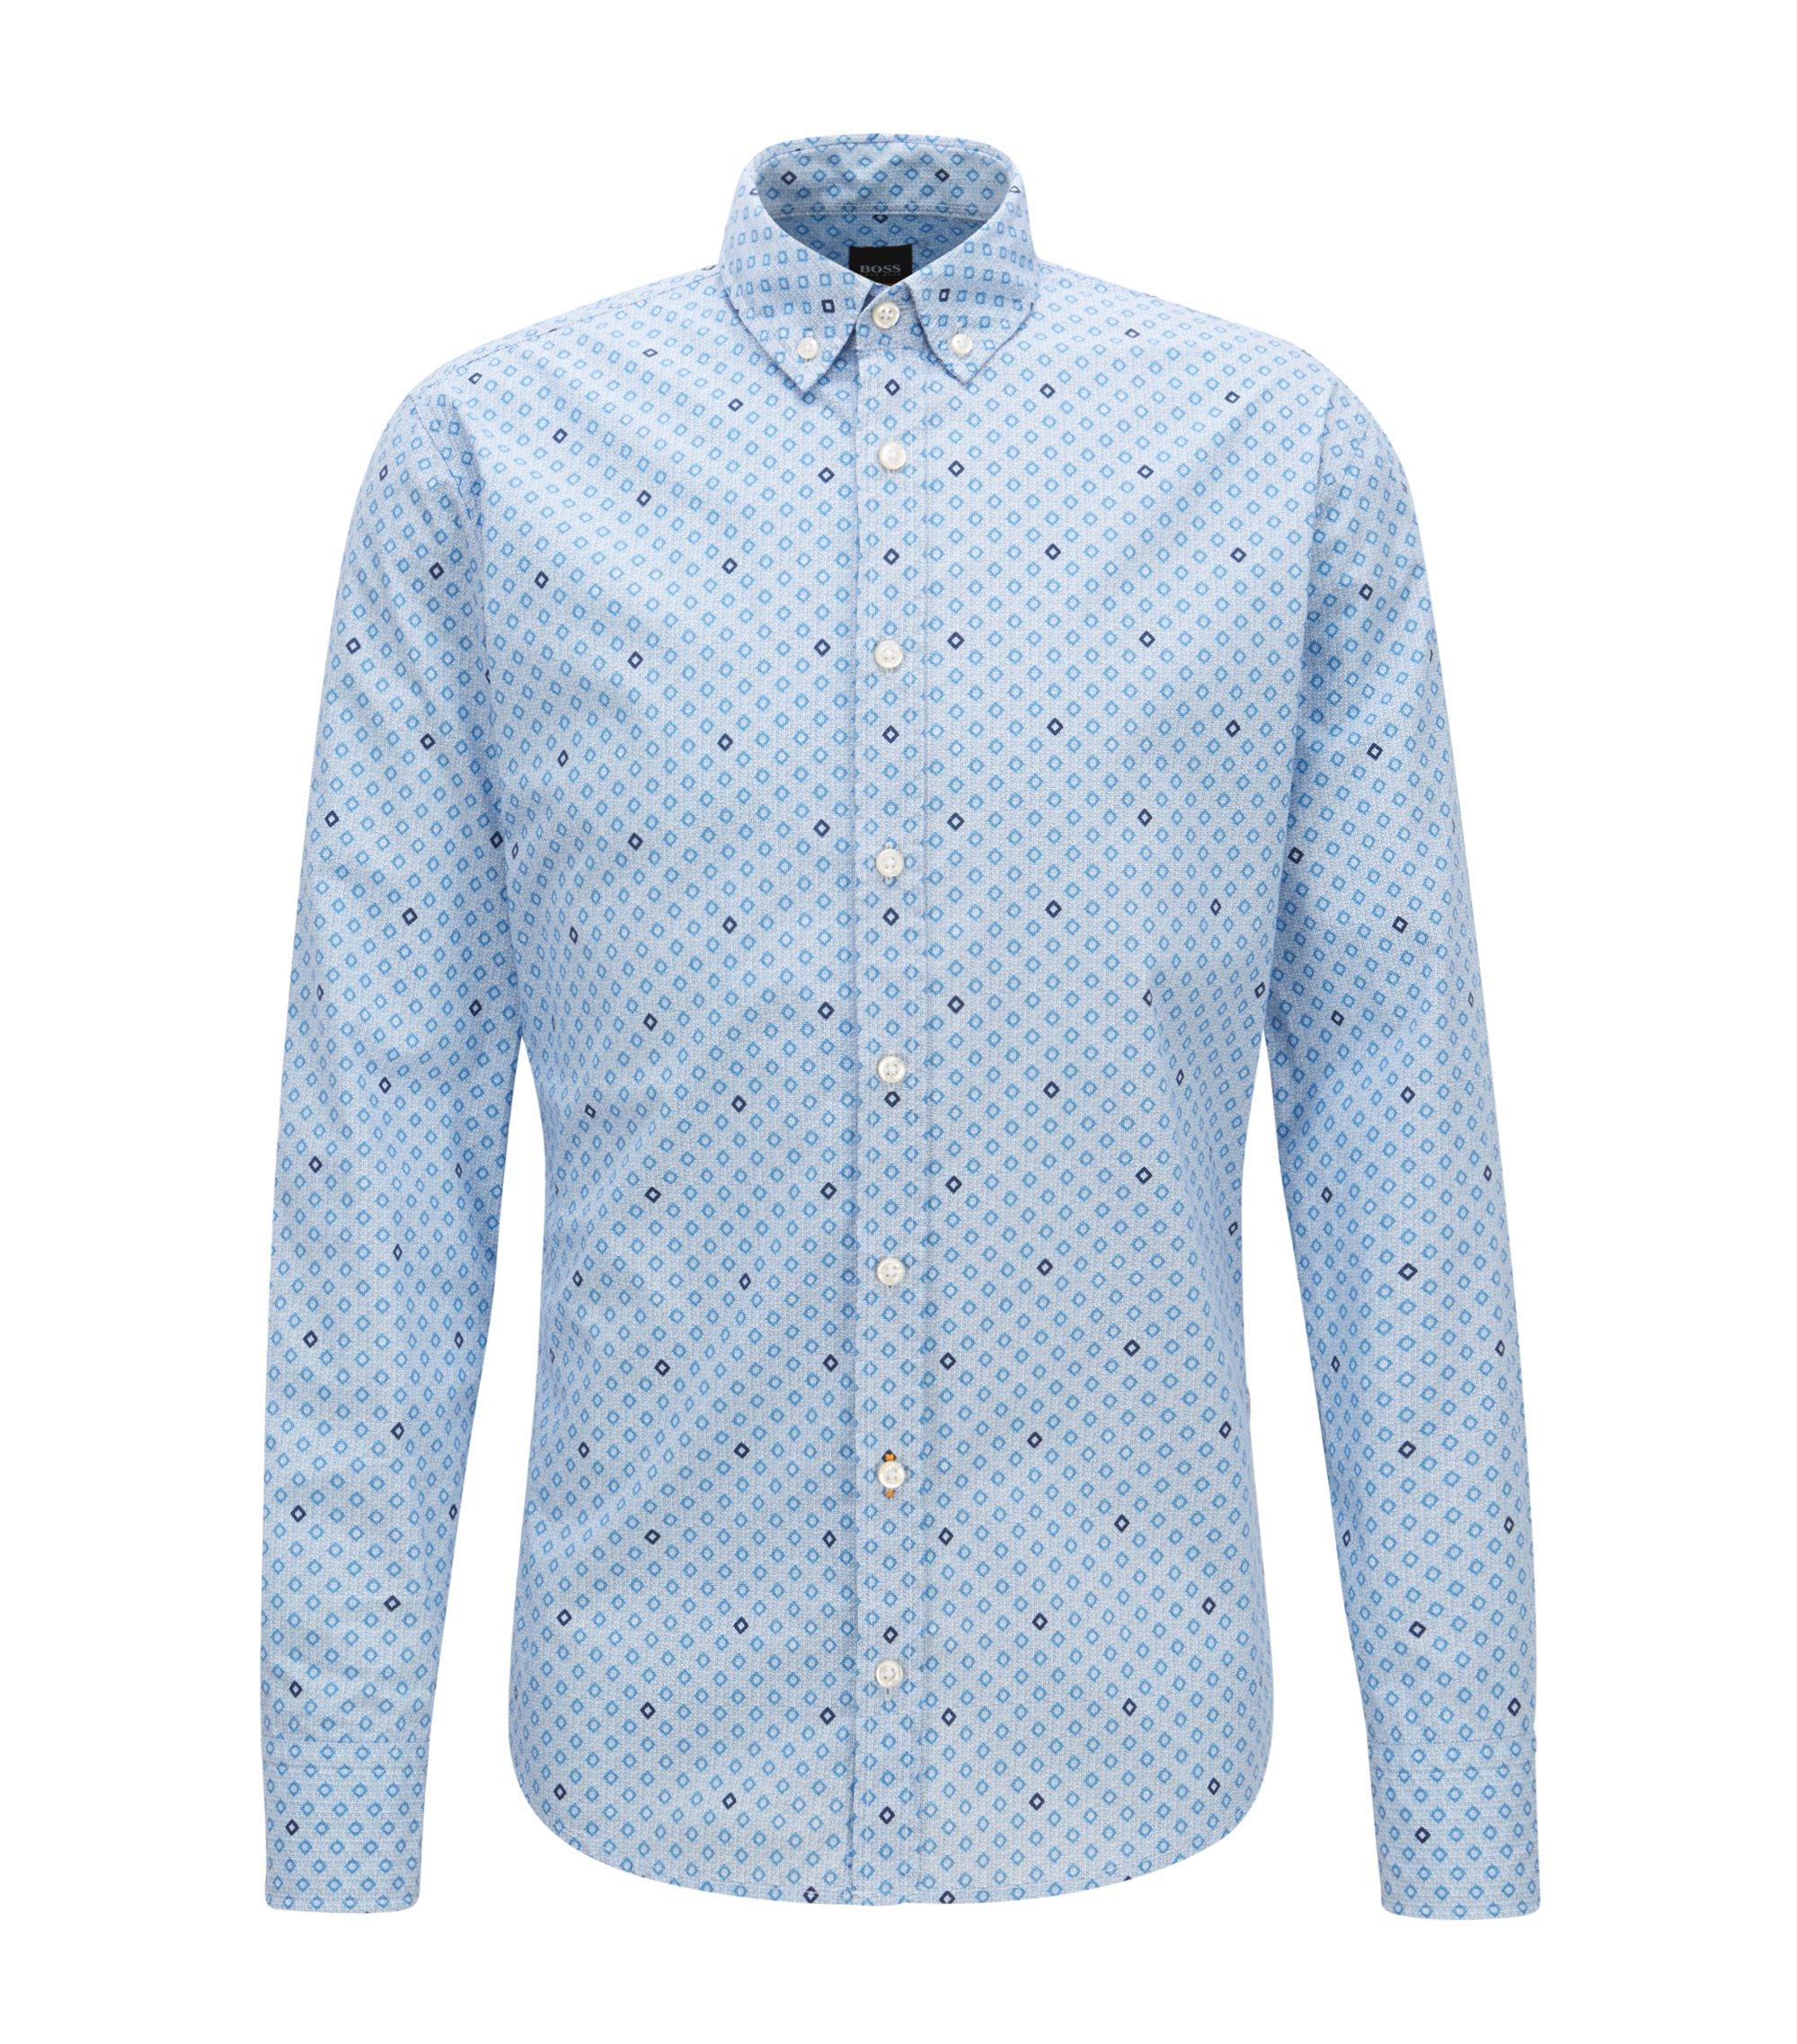 Camisa slim fit de algodón con estampado geométrico, Celeste